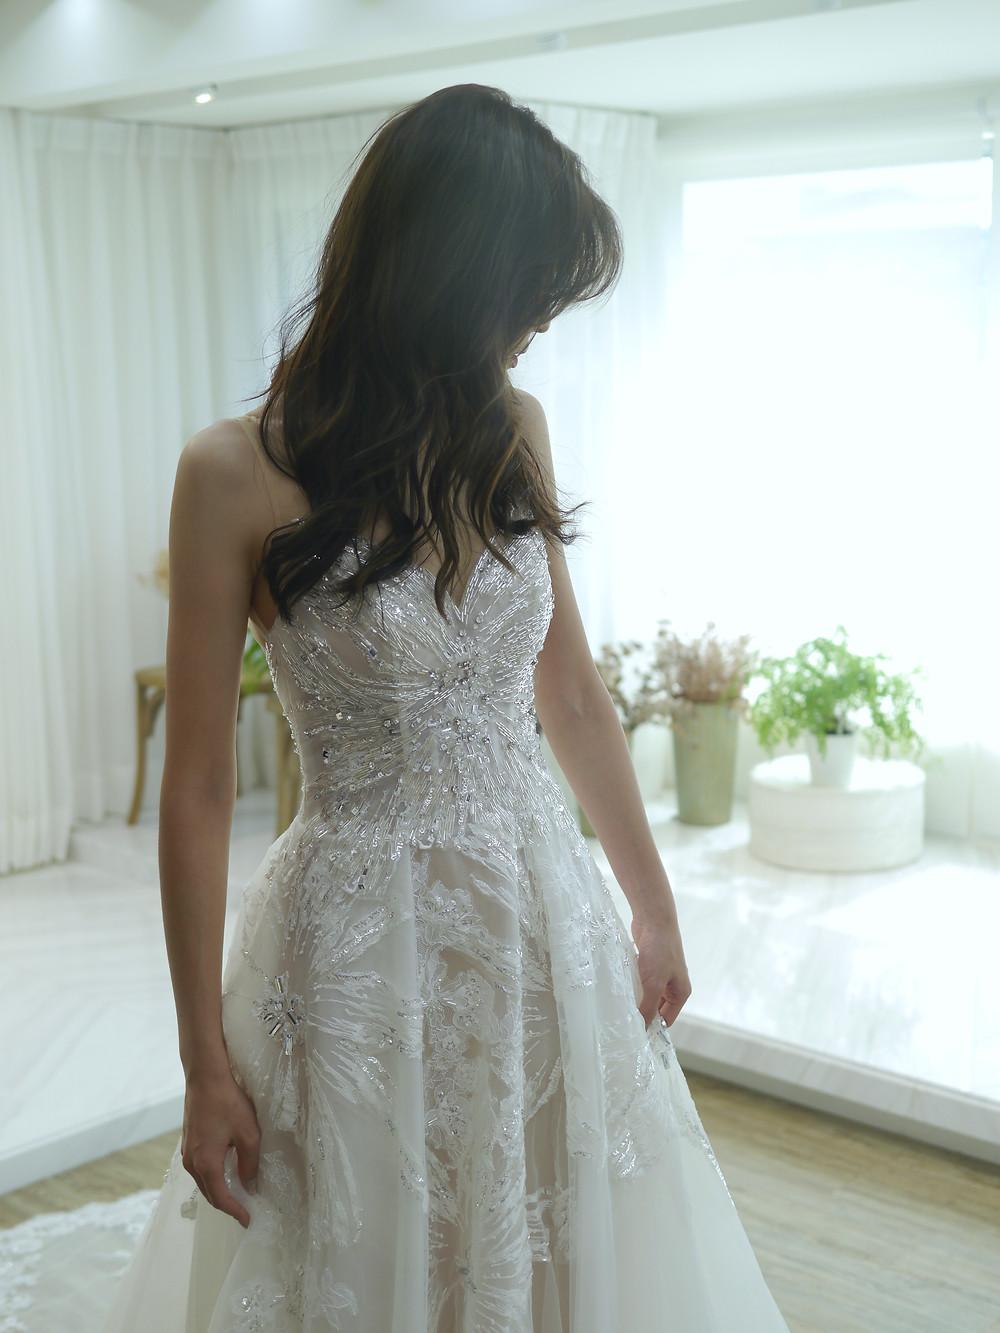 #大花蕾絲 #銀光閃耀珠飾 #時尚清透白紗